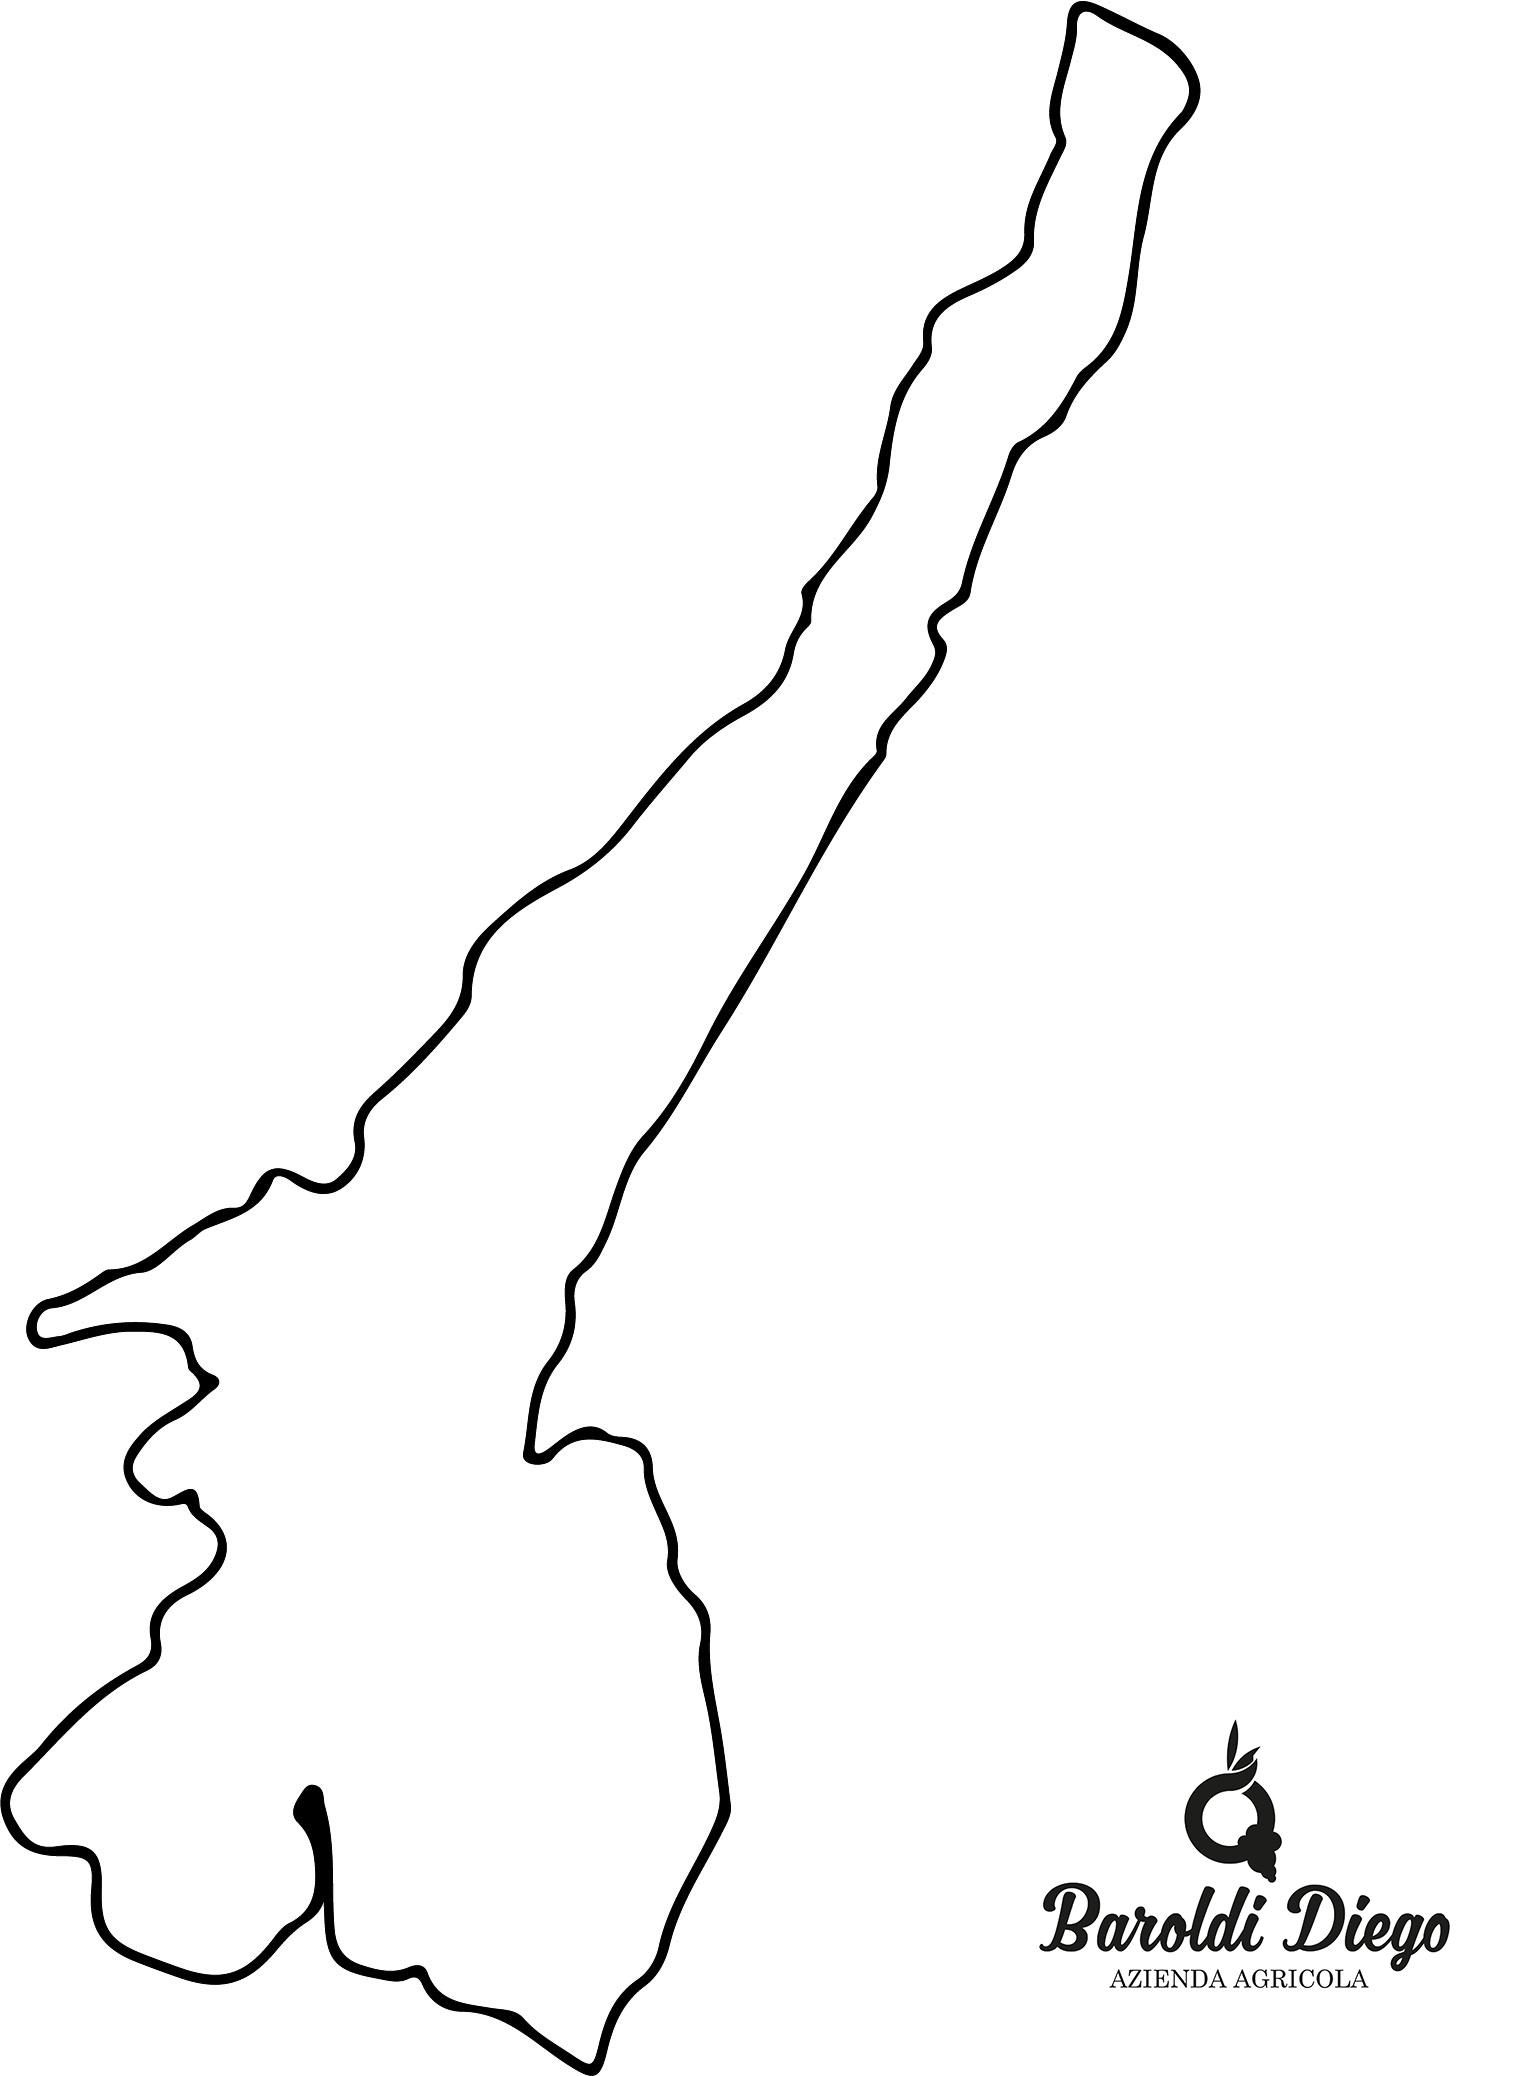 mappa-BAROLDI